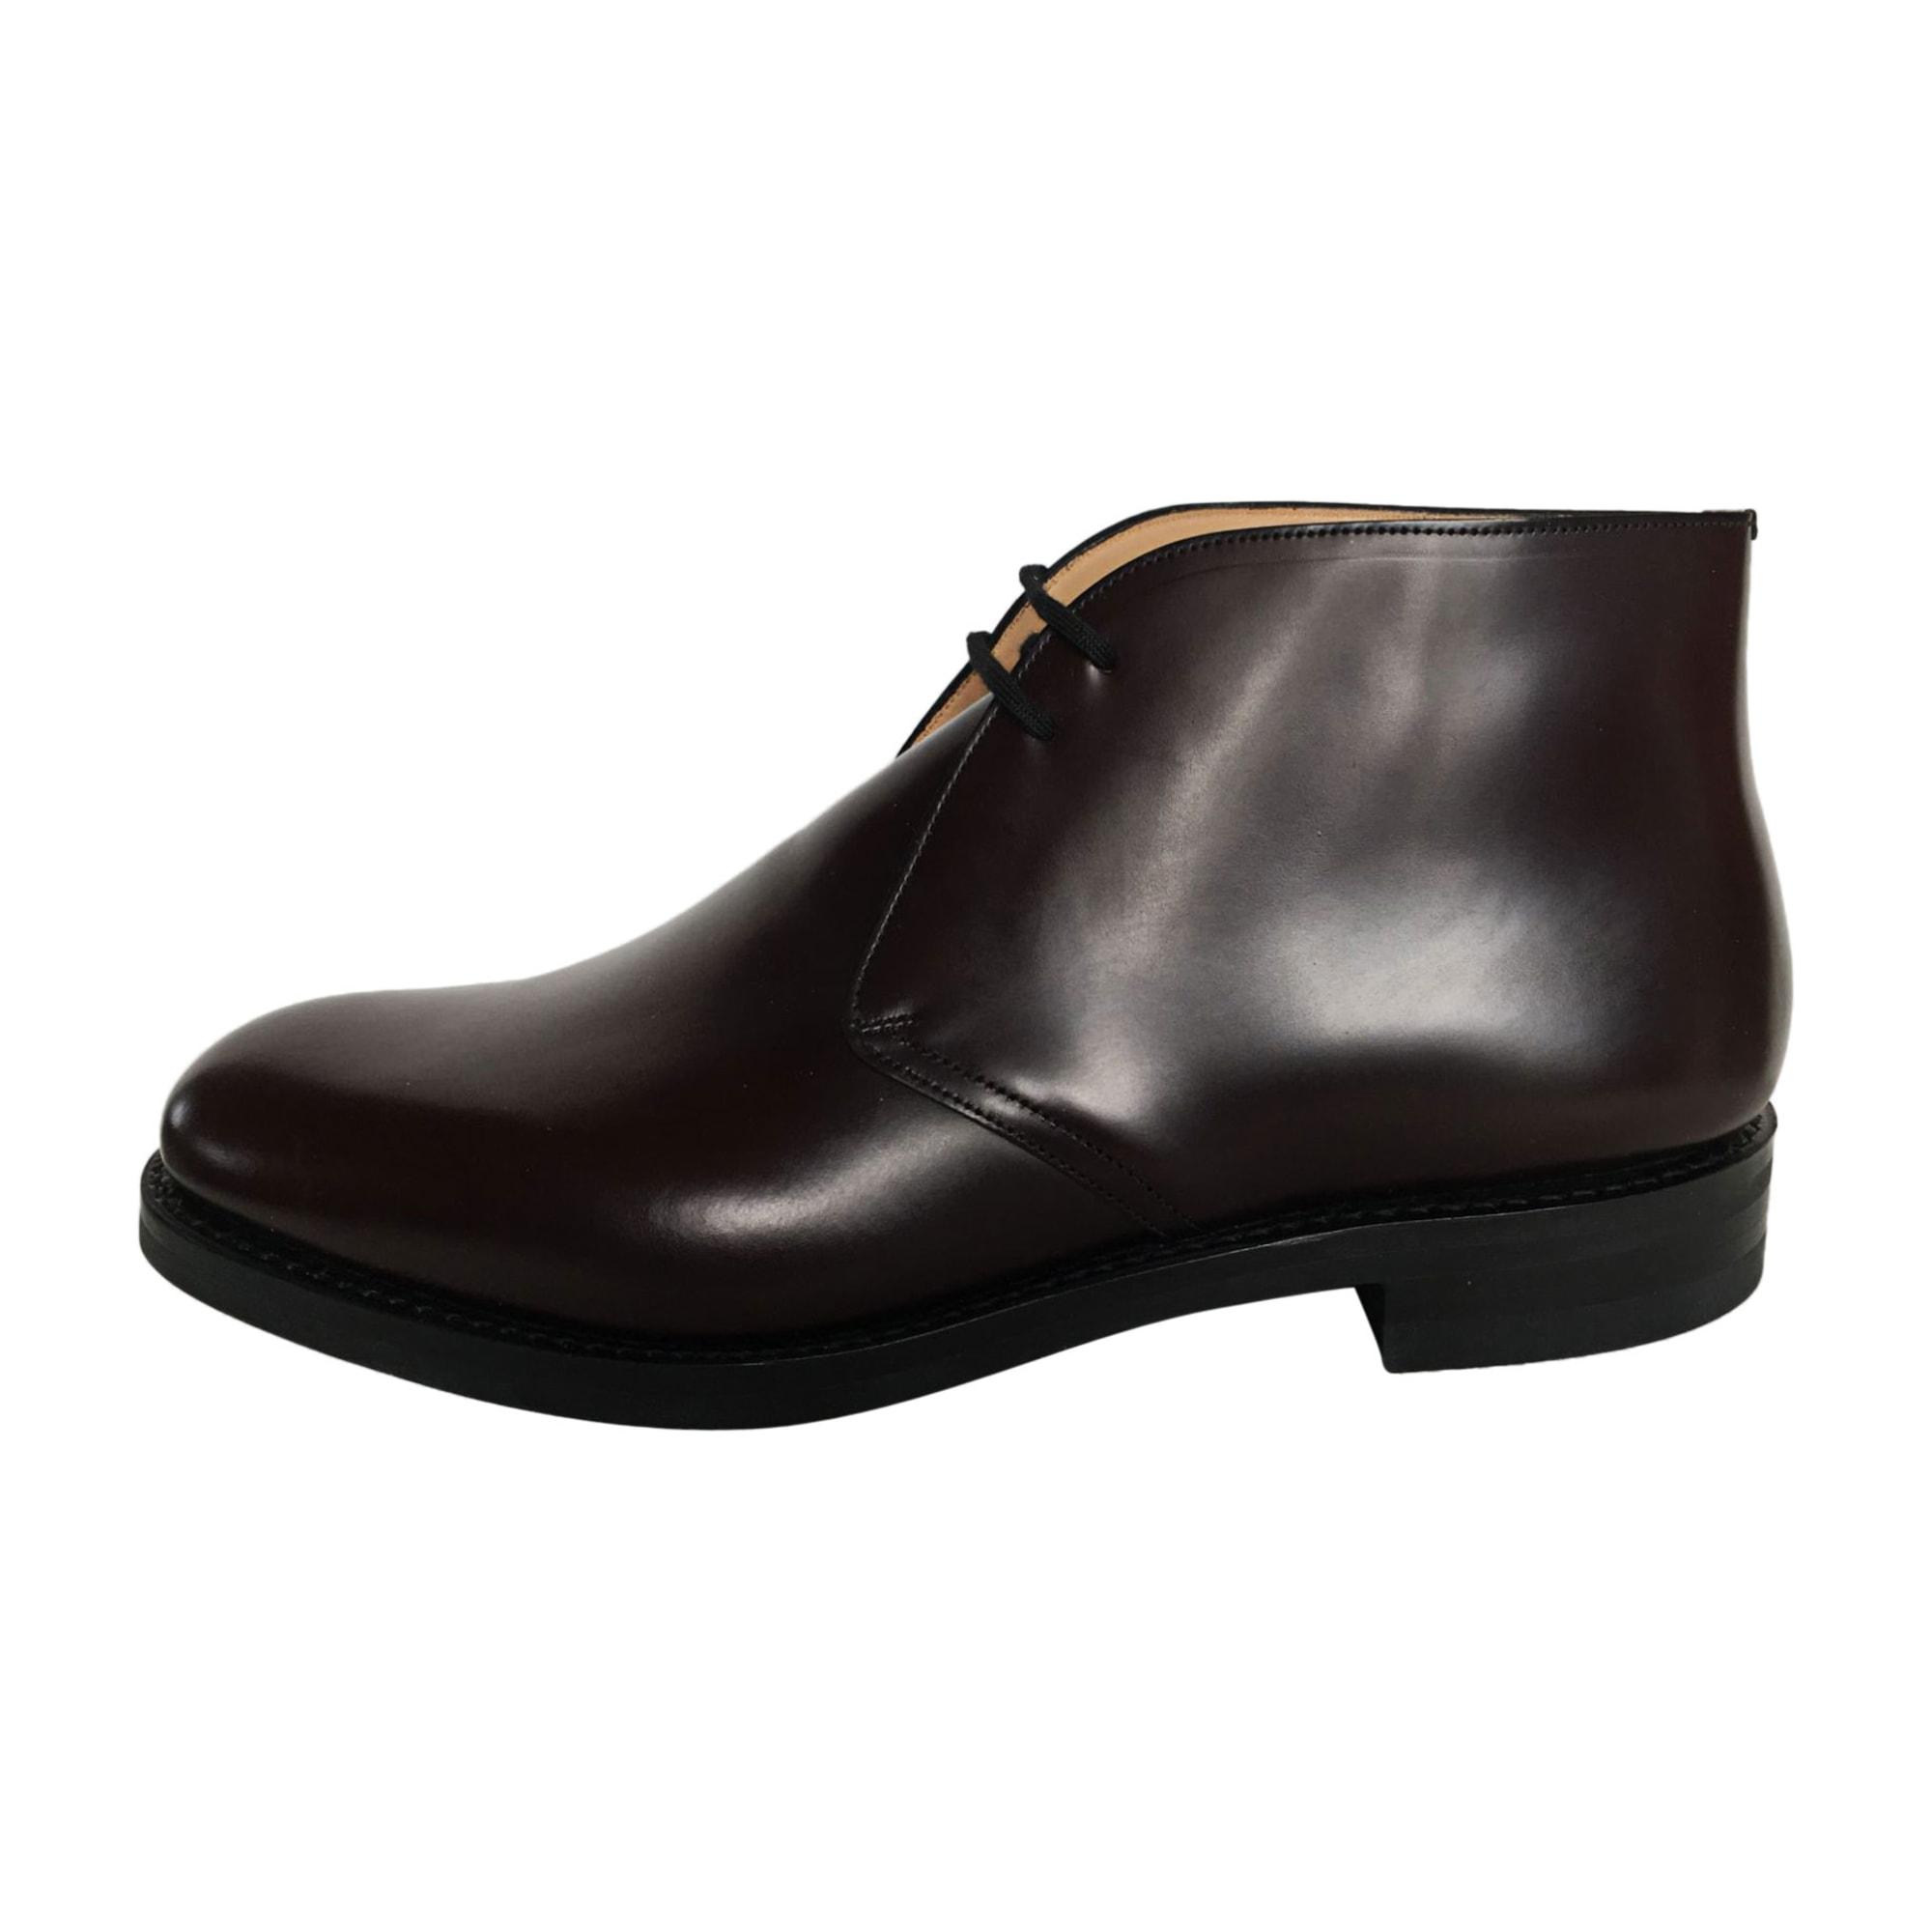 Chaussures à lacets CHURCH'S Rouge, bordeaux